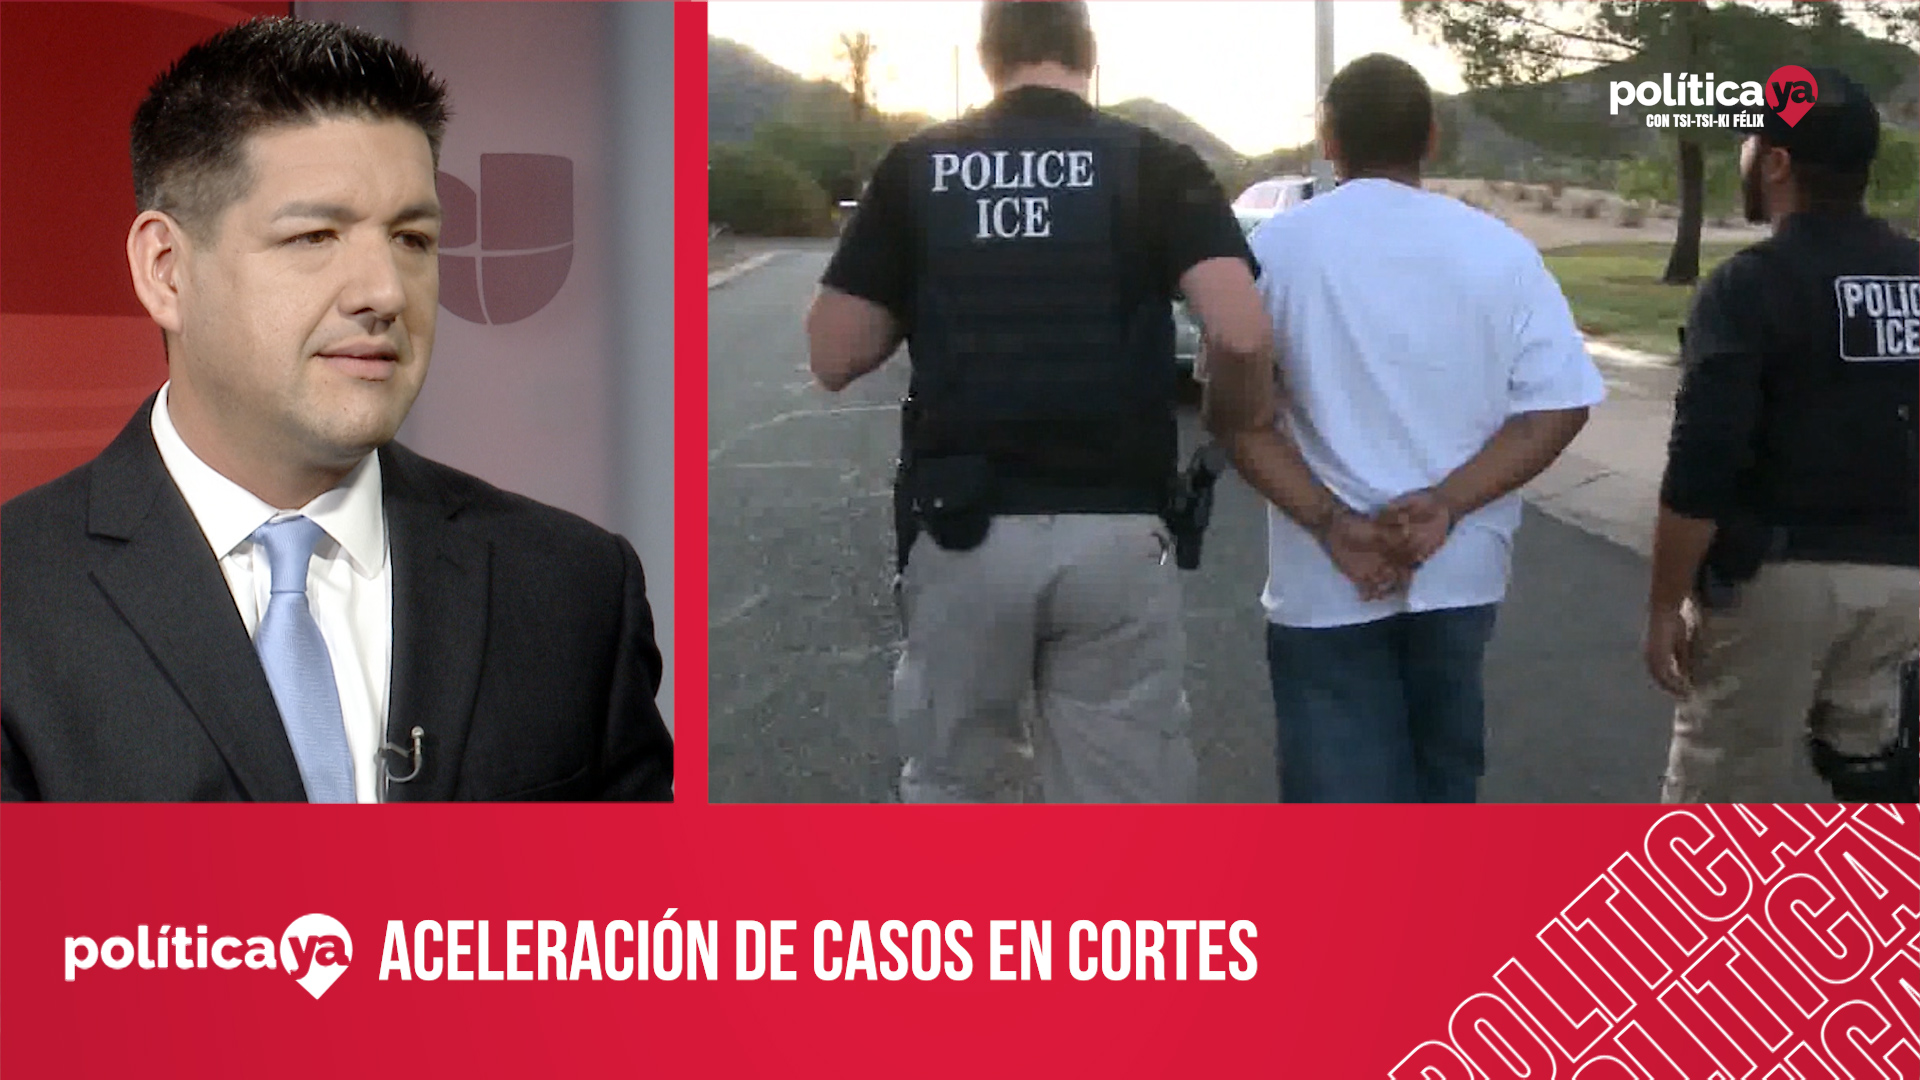 Beneficios o daños de la aceleración de casos en cortes de inmigración del país